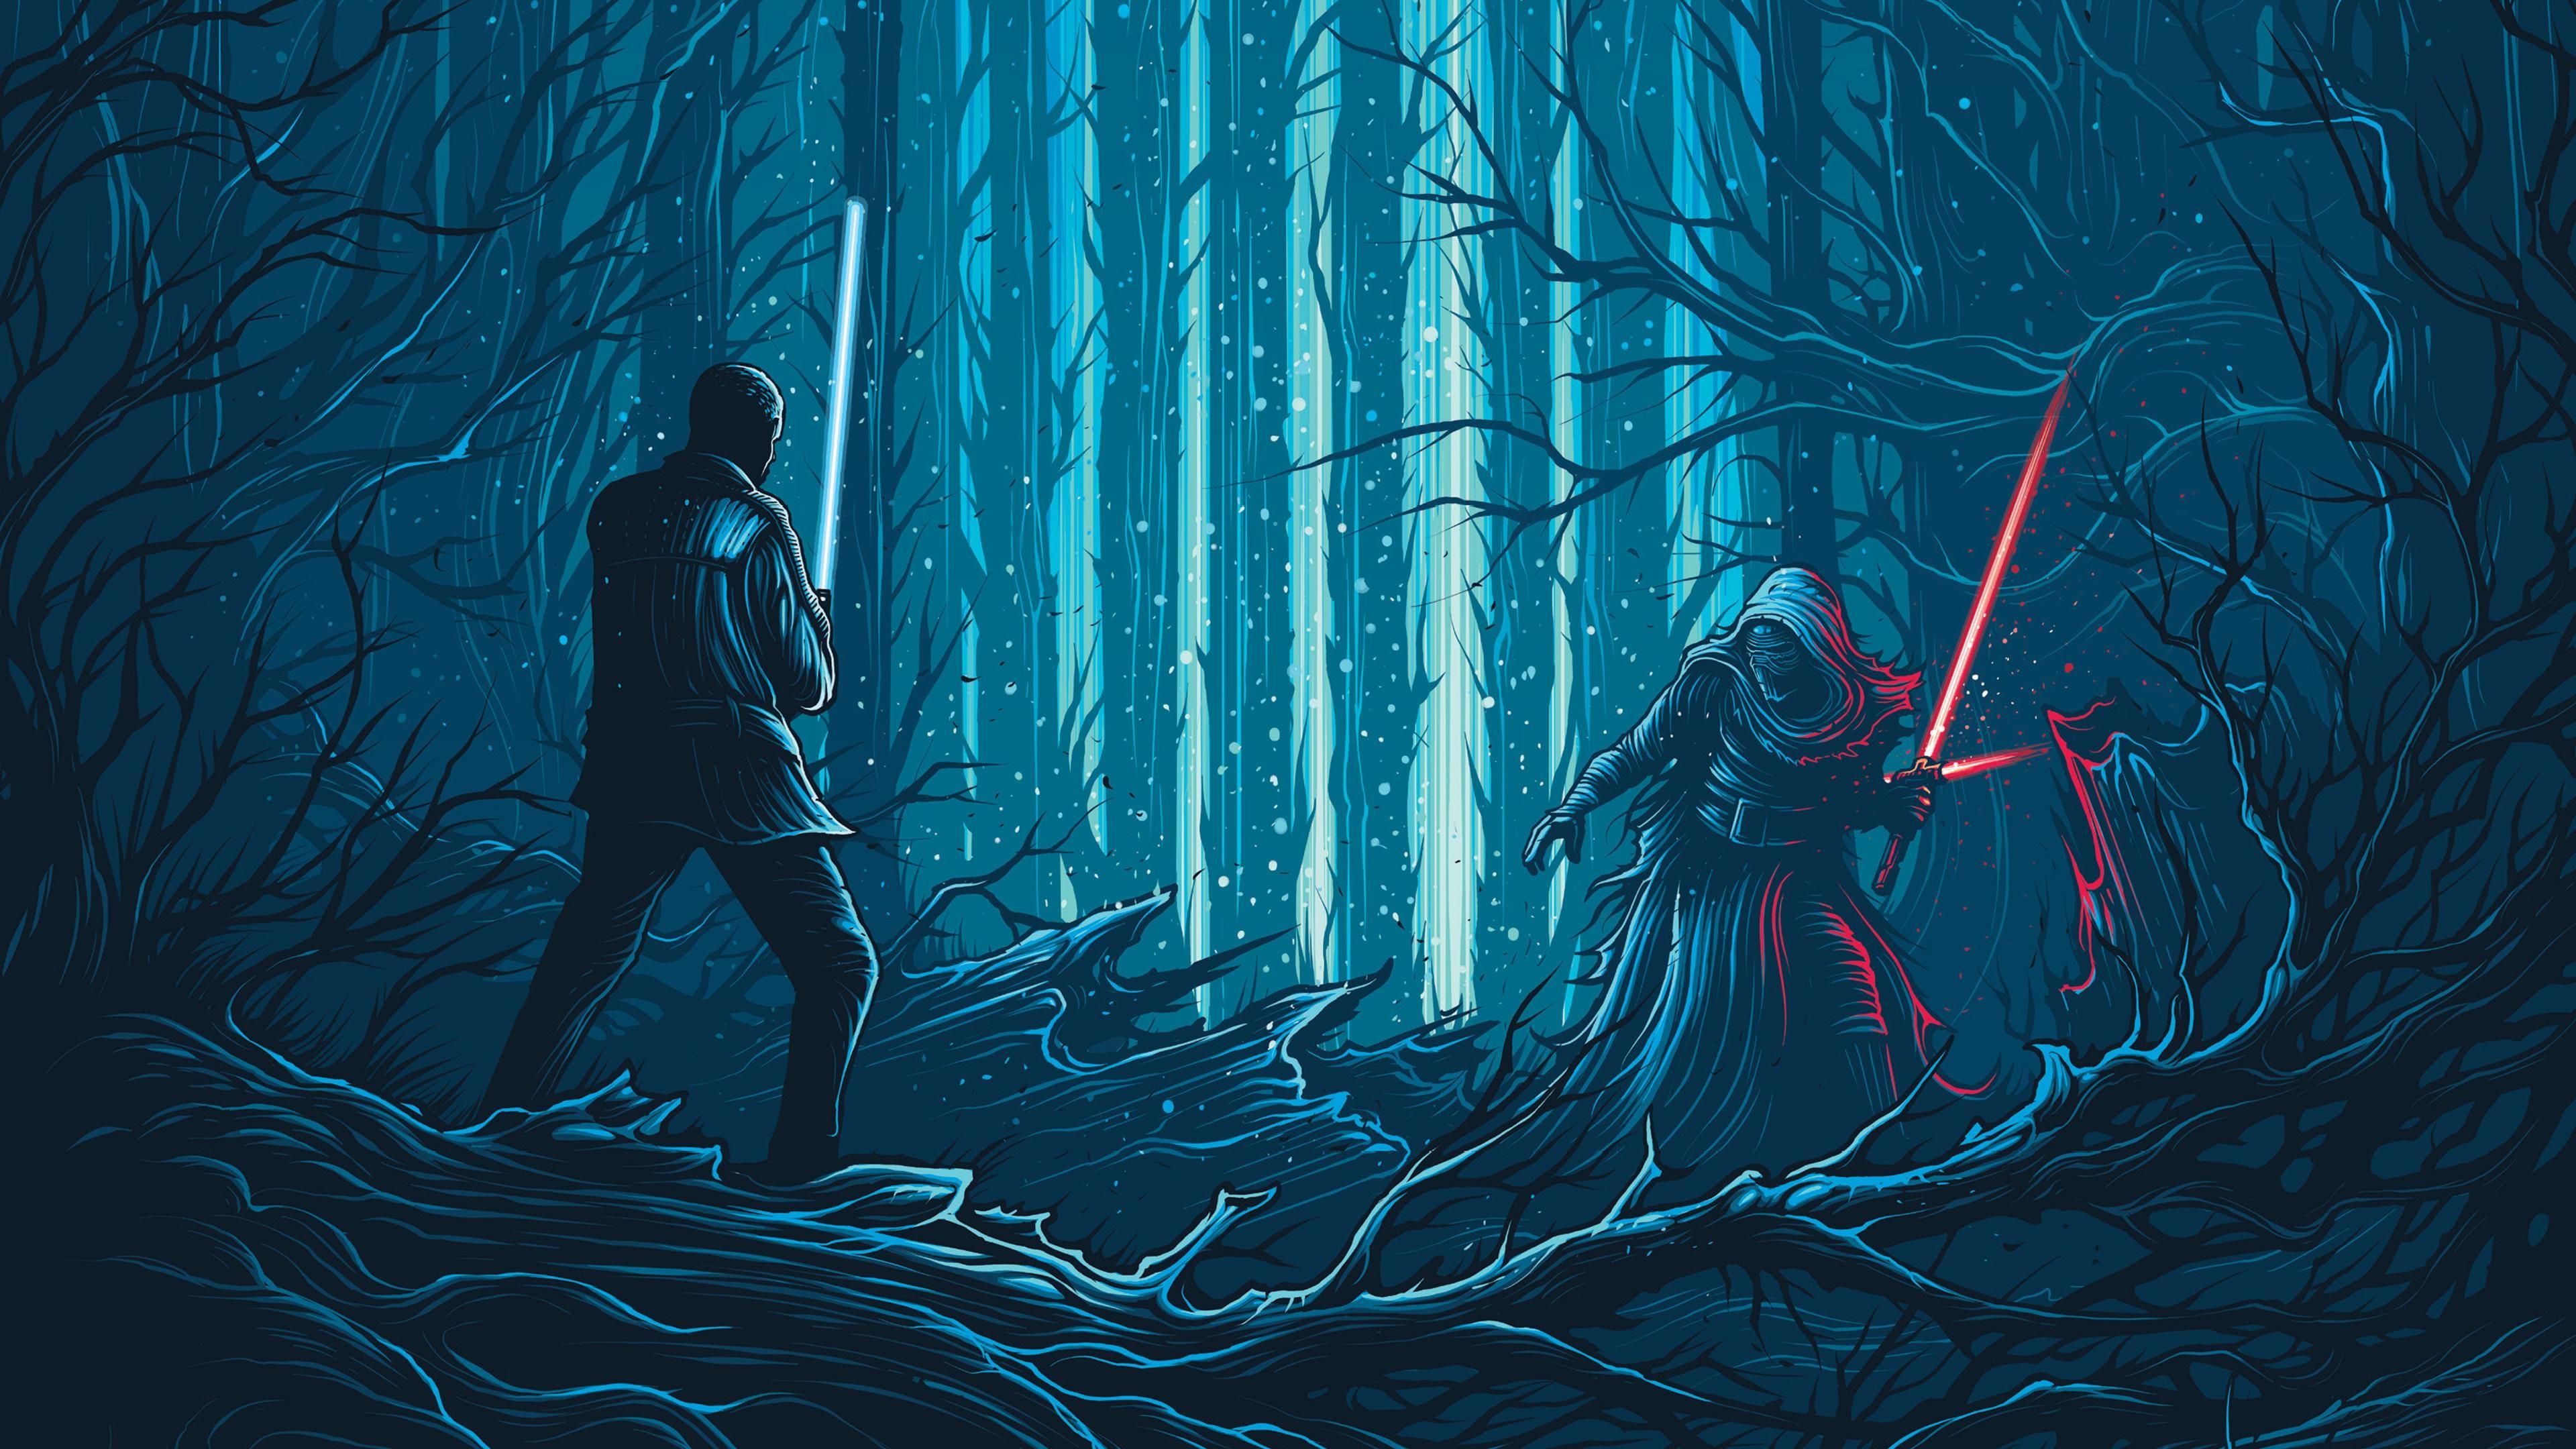 Star Wars The Force Awakens Artwork 4K Wallpaper